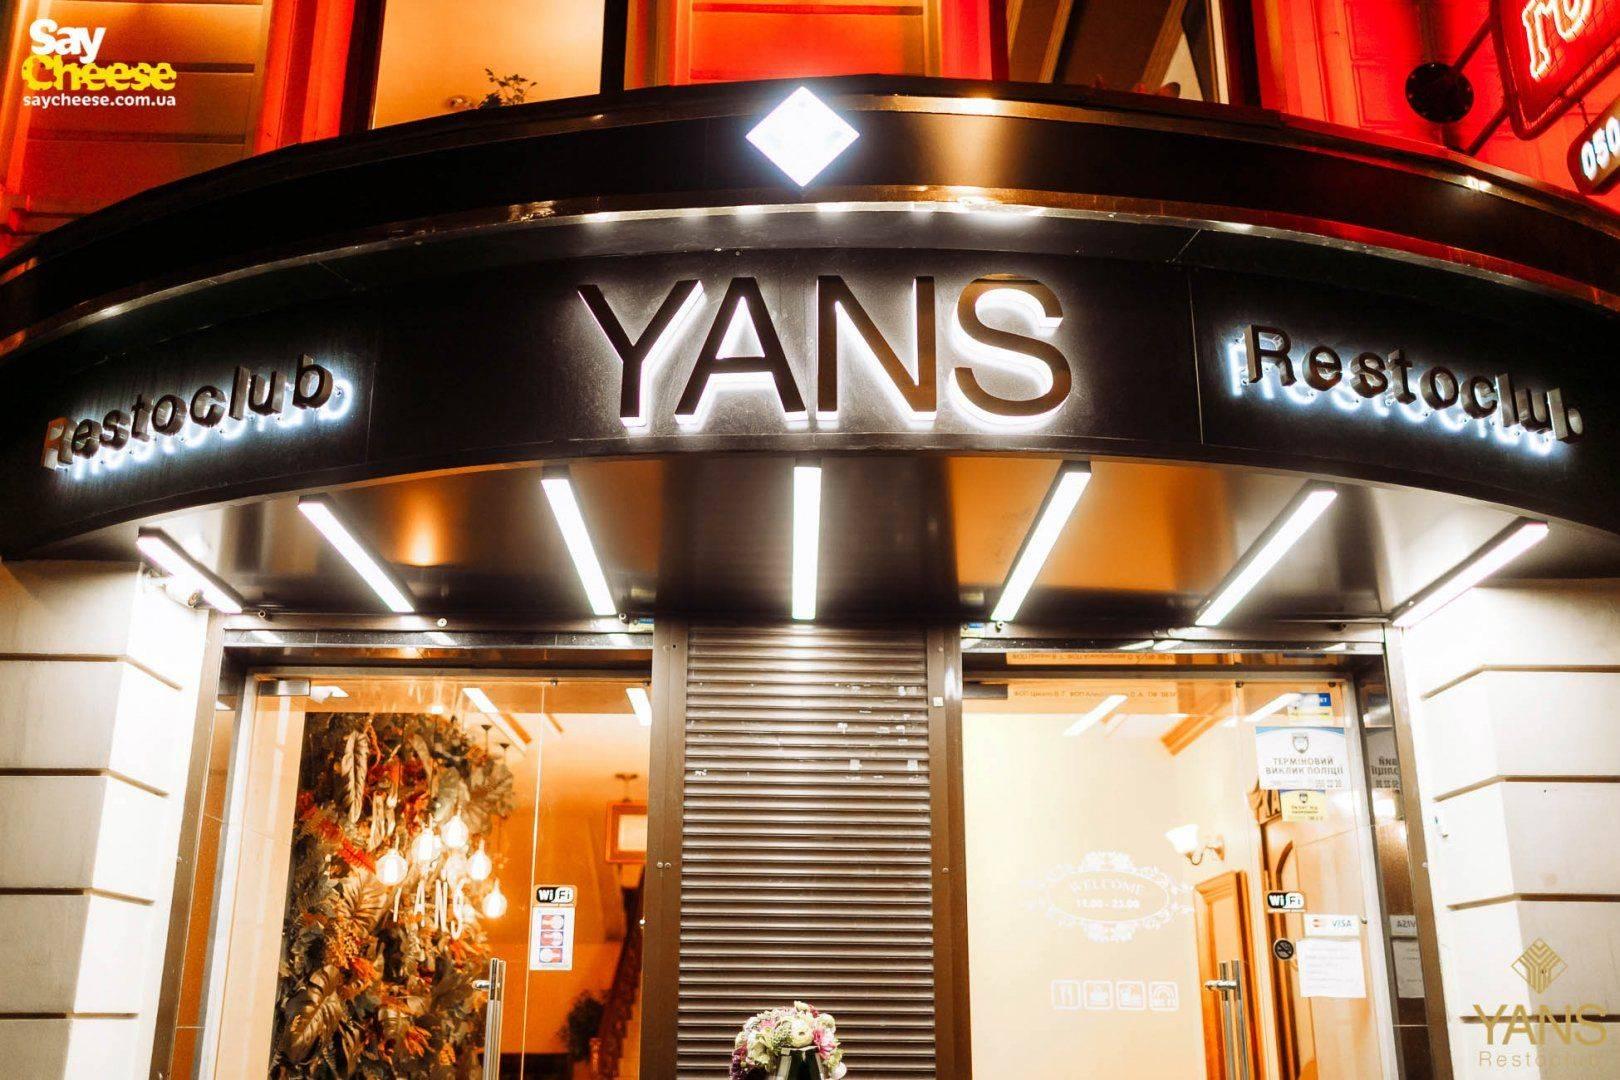 Yans Restoсlub Харьков фотоотчет Saycheese 6.03